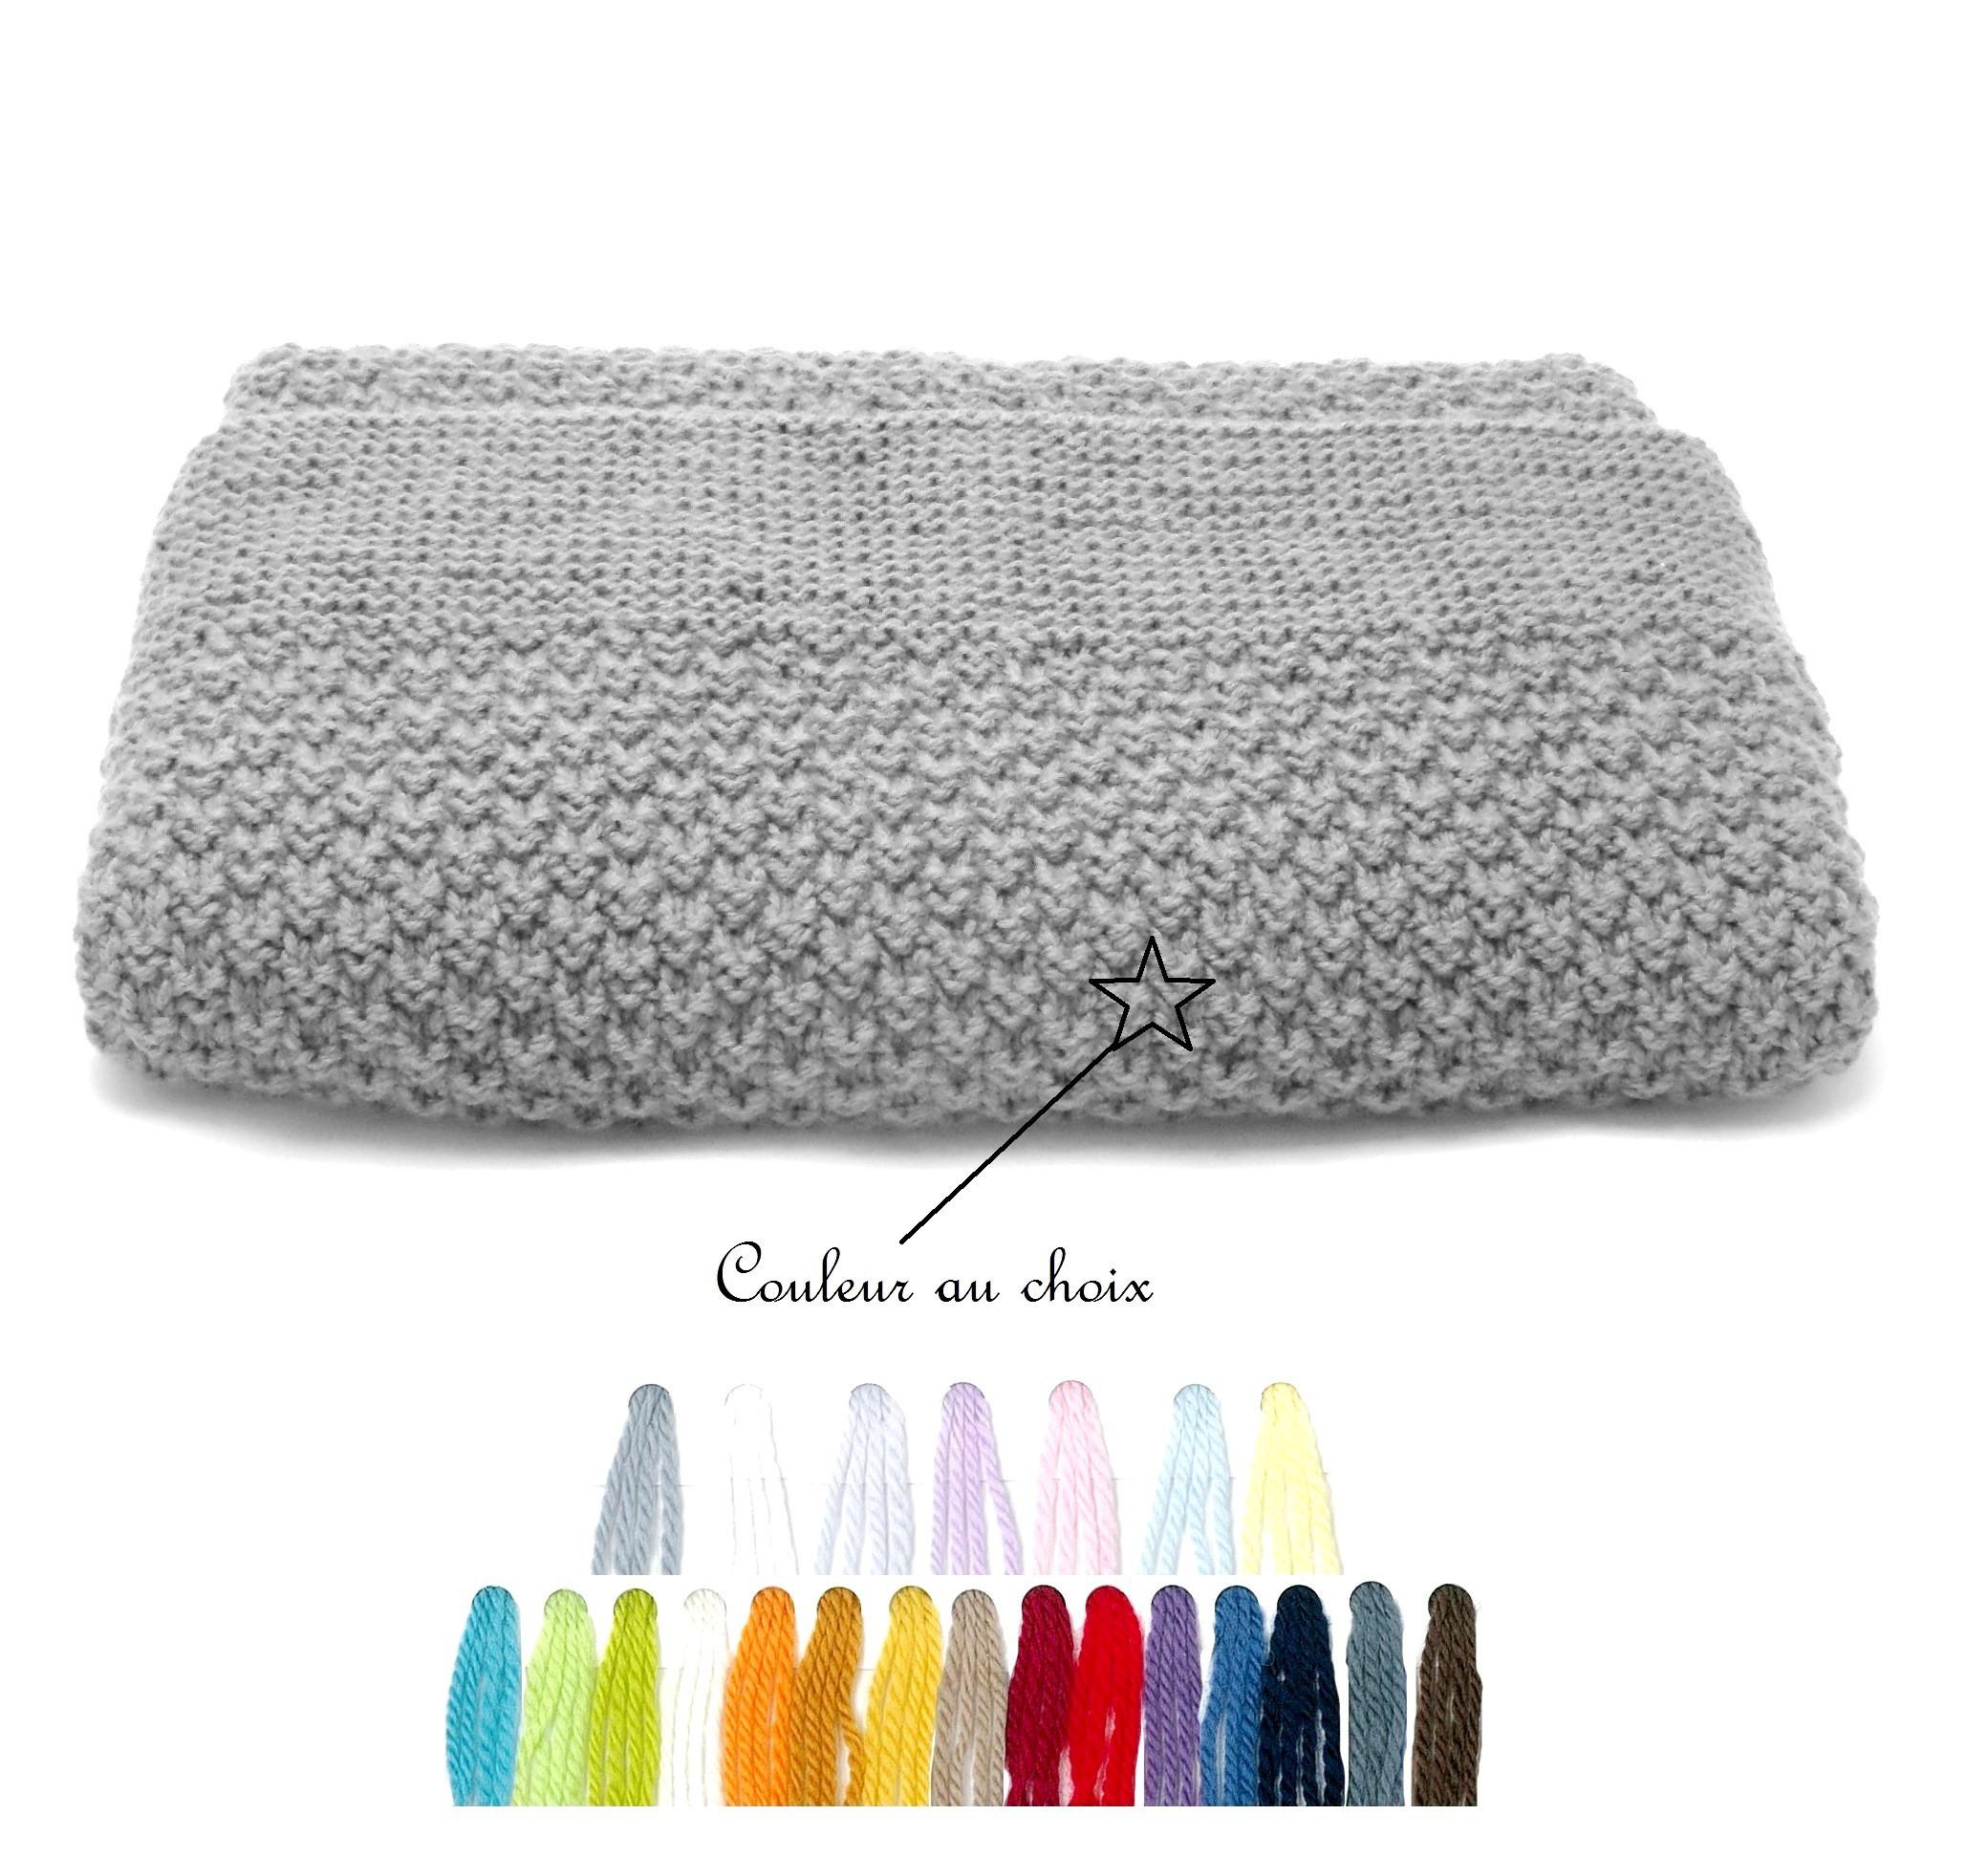 couverture en laine bébé couverture épaisse bébé tricotée main 100% laine mérinos naturel couverture en laine bébé